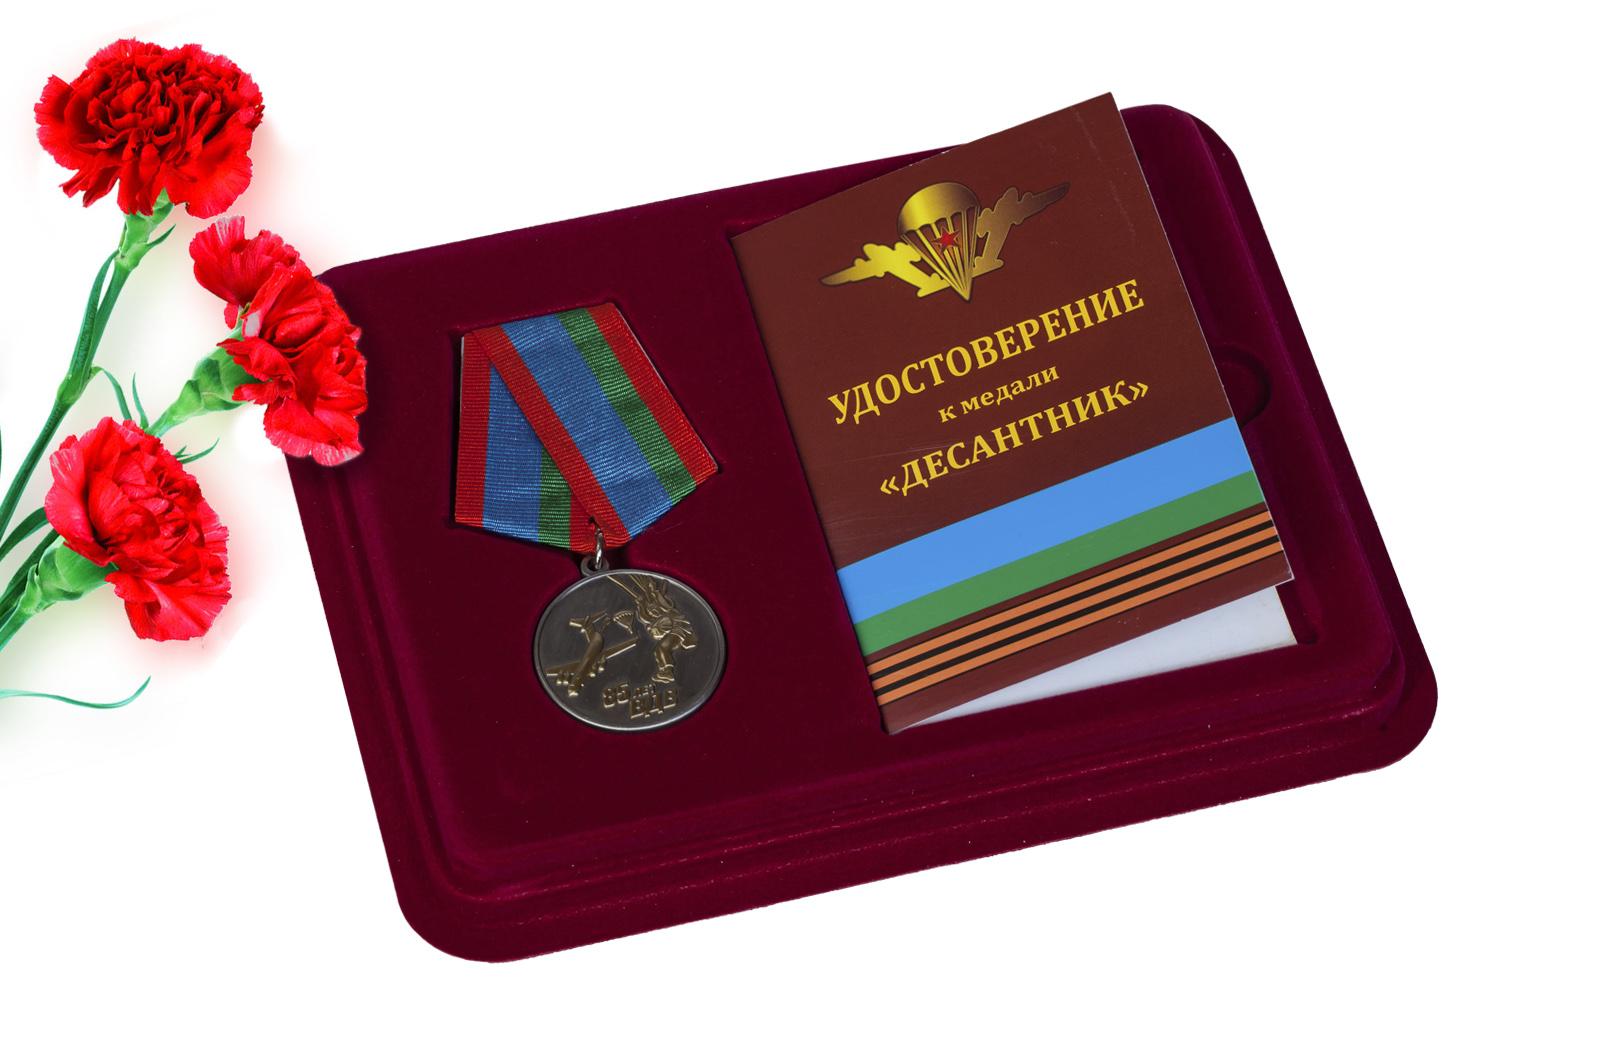 Купить медаль Десантник ВДВ по выгодной цене